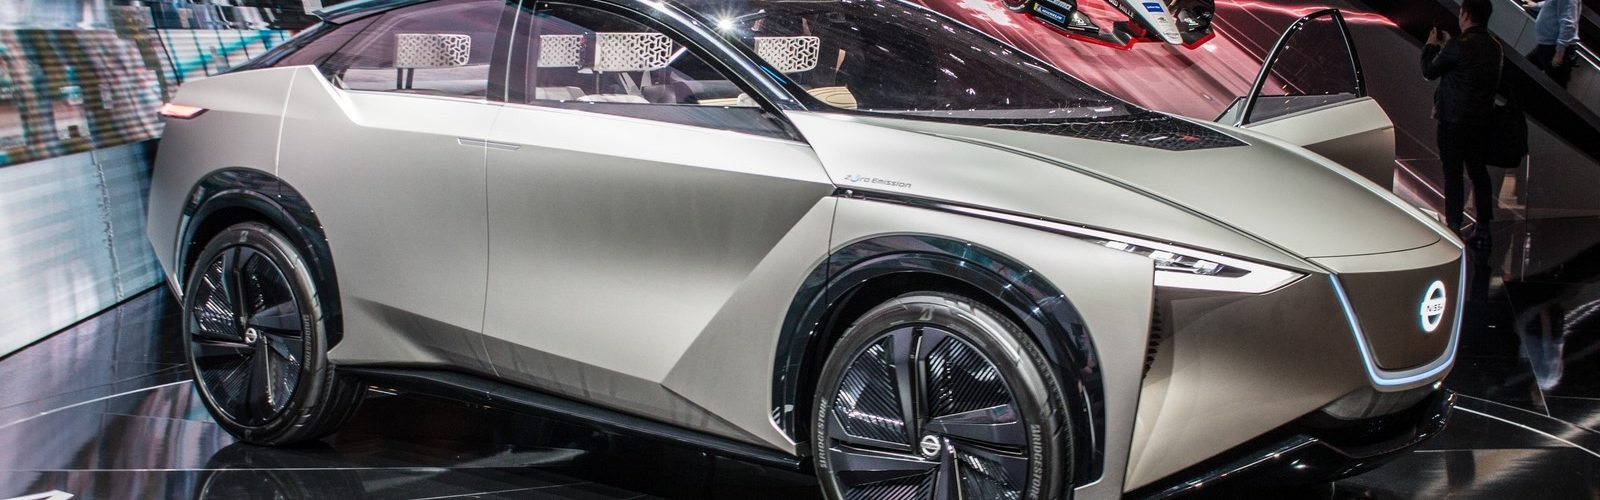 Geneve 2018 Nissan LeNouvelAutomobiliste 06